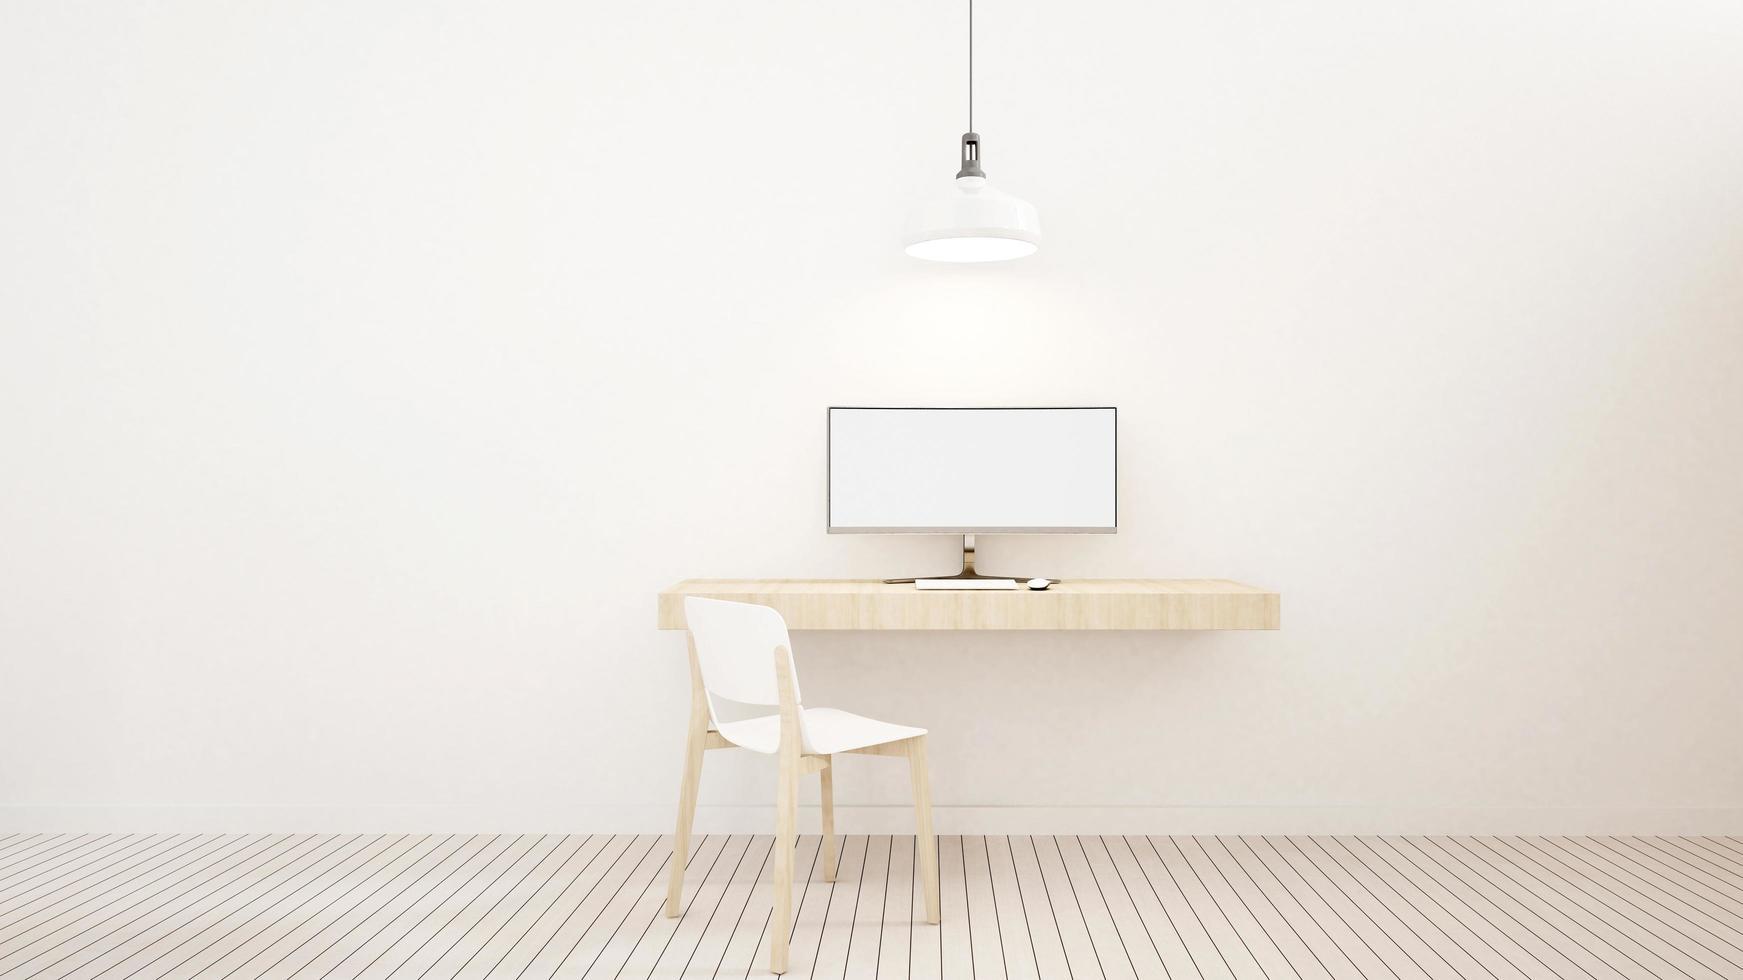 Weißton des Arbeitsplatzes in Haus oder Wohnung foto